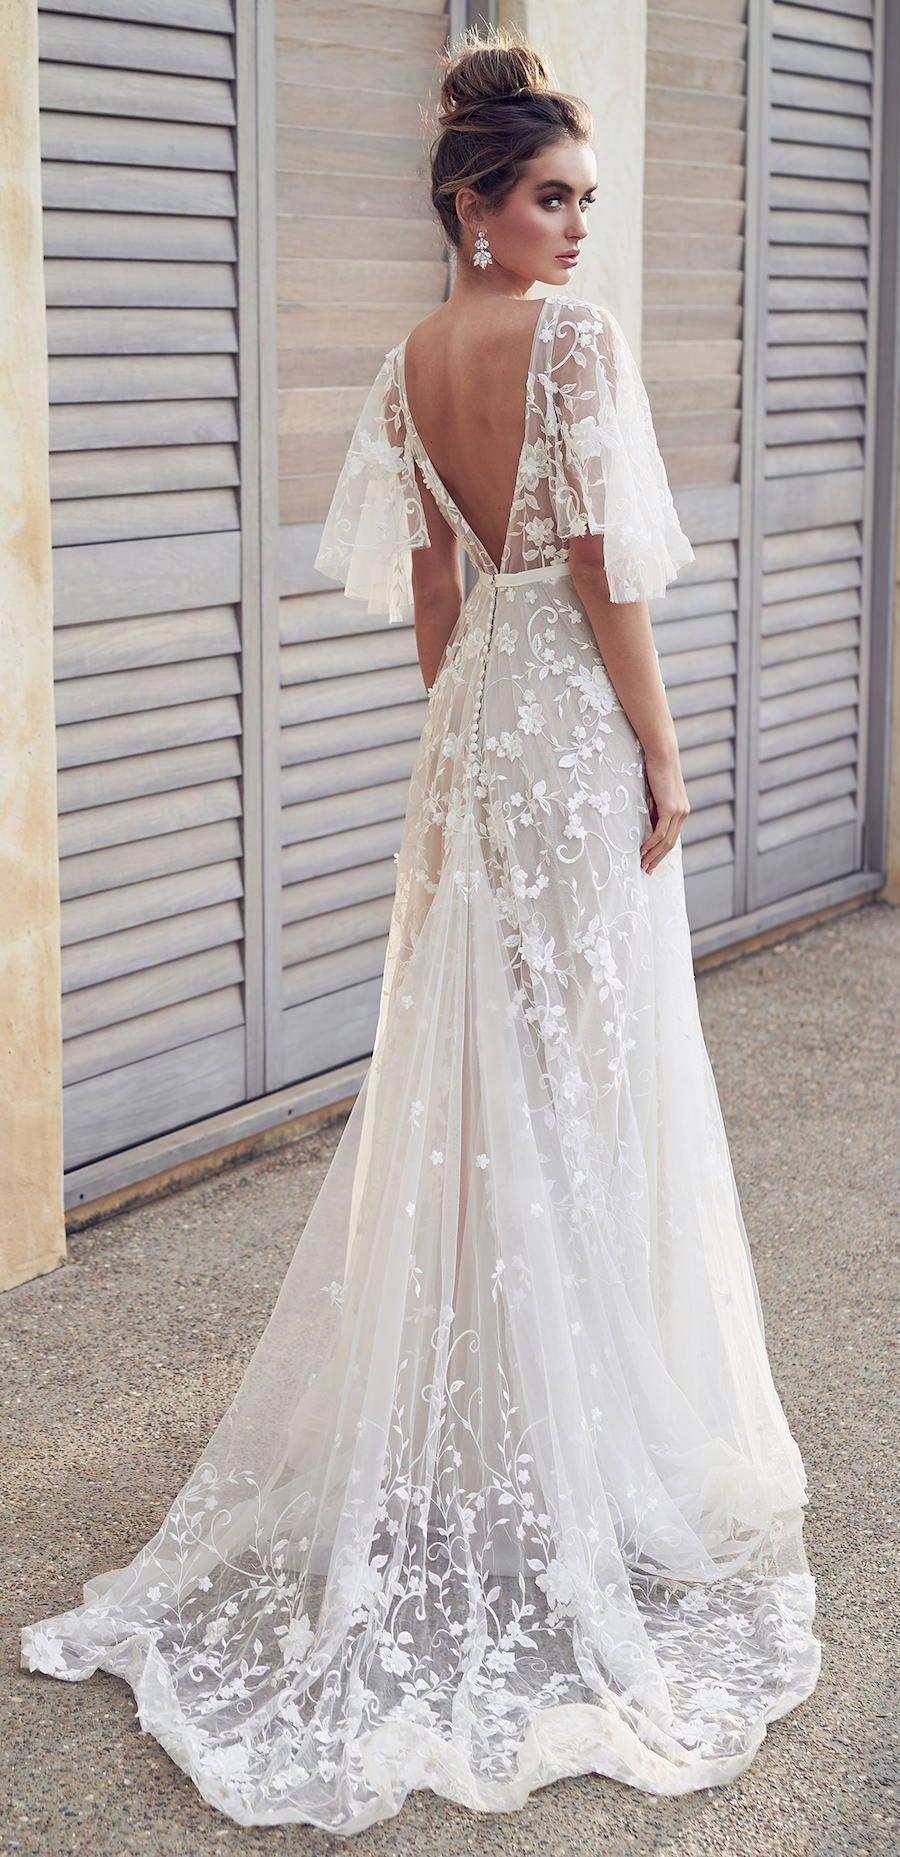 ff9ca7b1241 Deals On Wedding Dresses - Gomes Weine AG